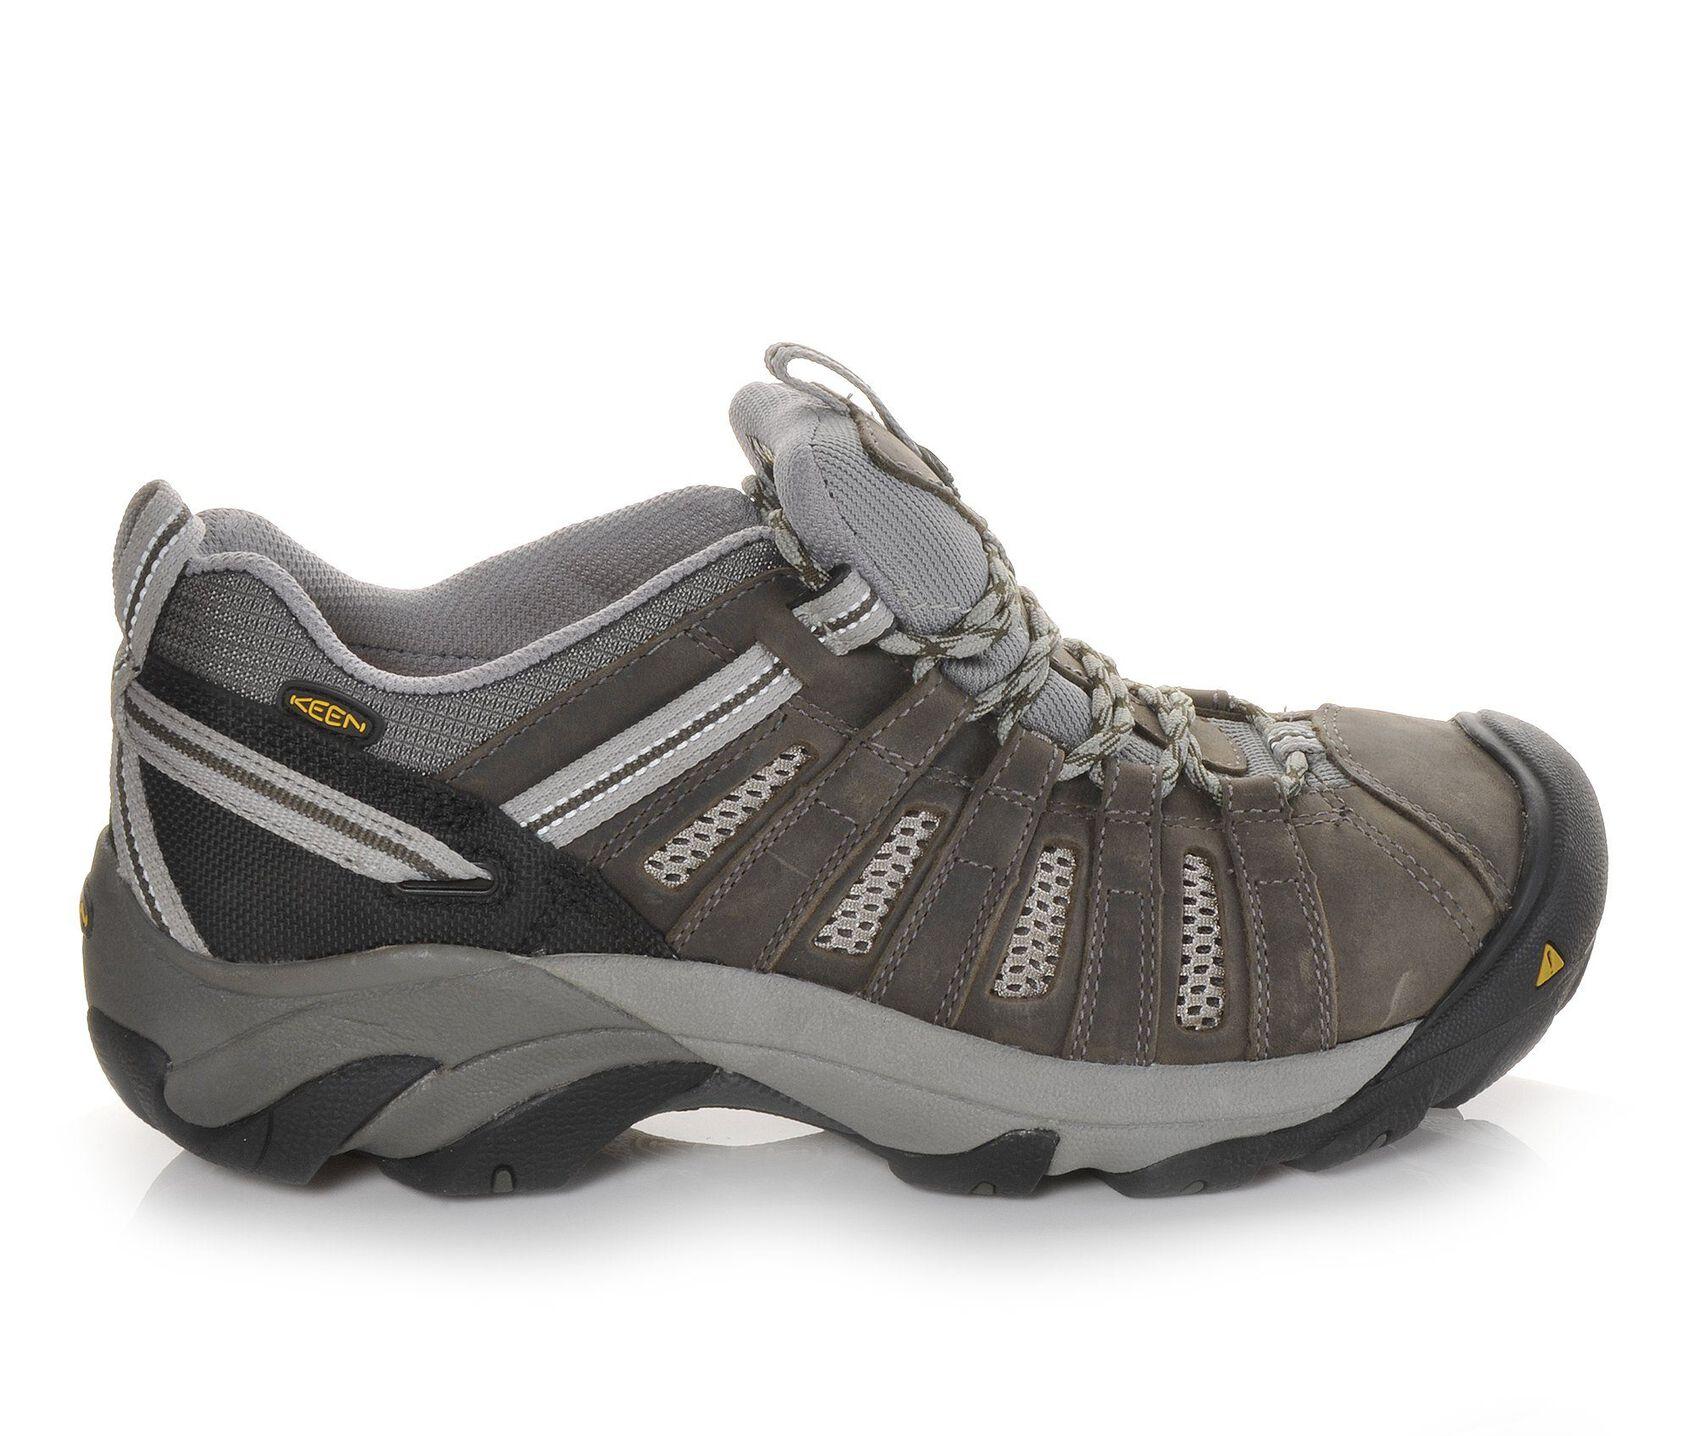 28319c3b1b Men's KEEN Utility Flint Low Steel Toe Work Shoes   Shoe Carnival